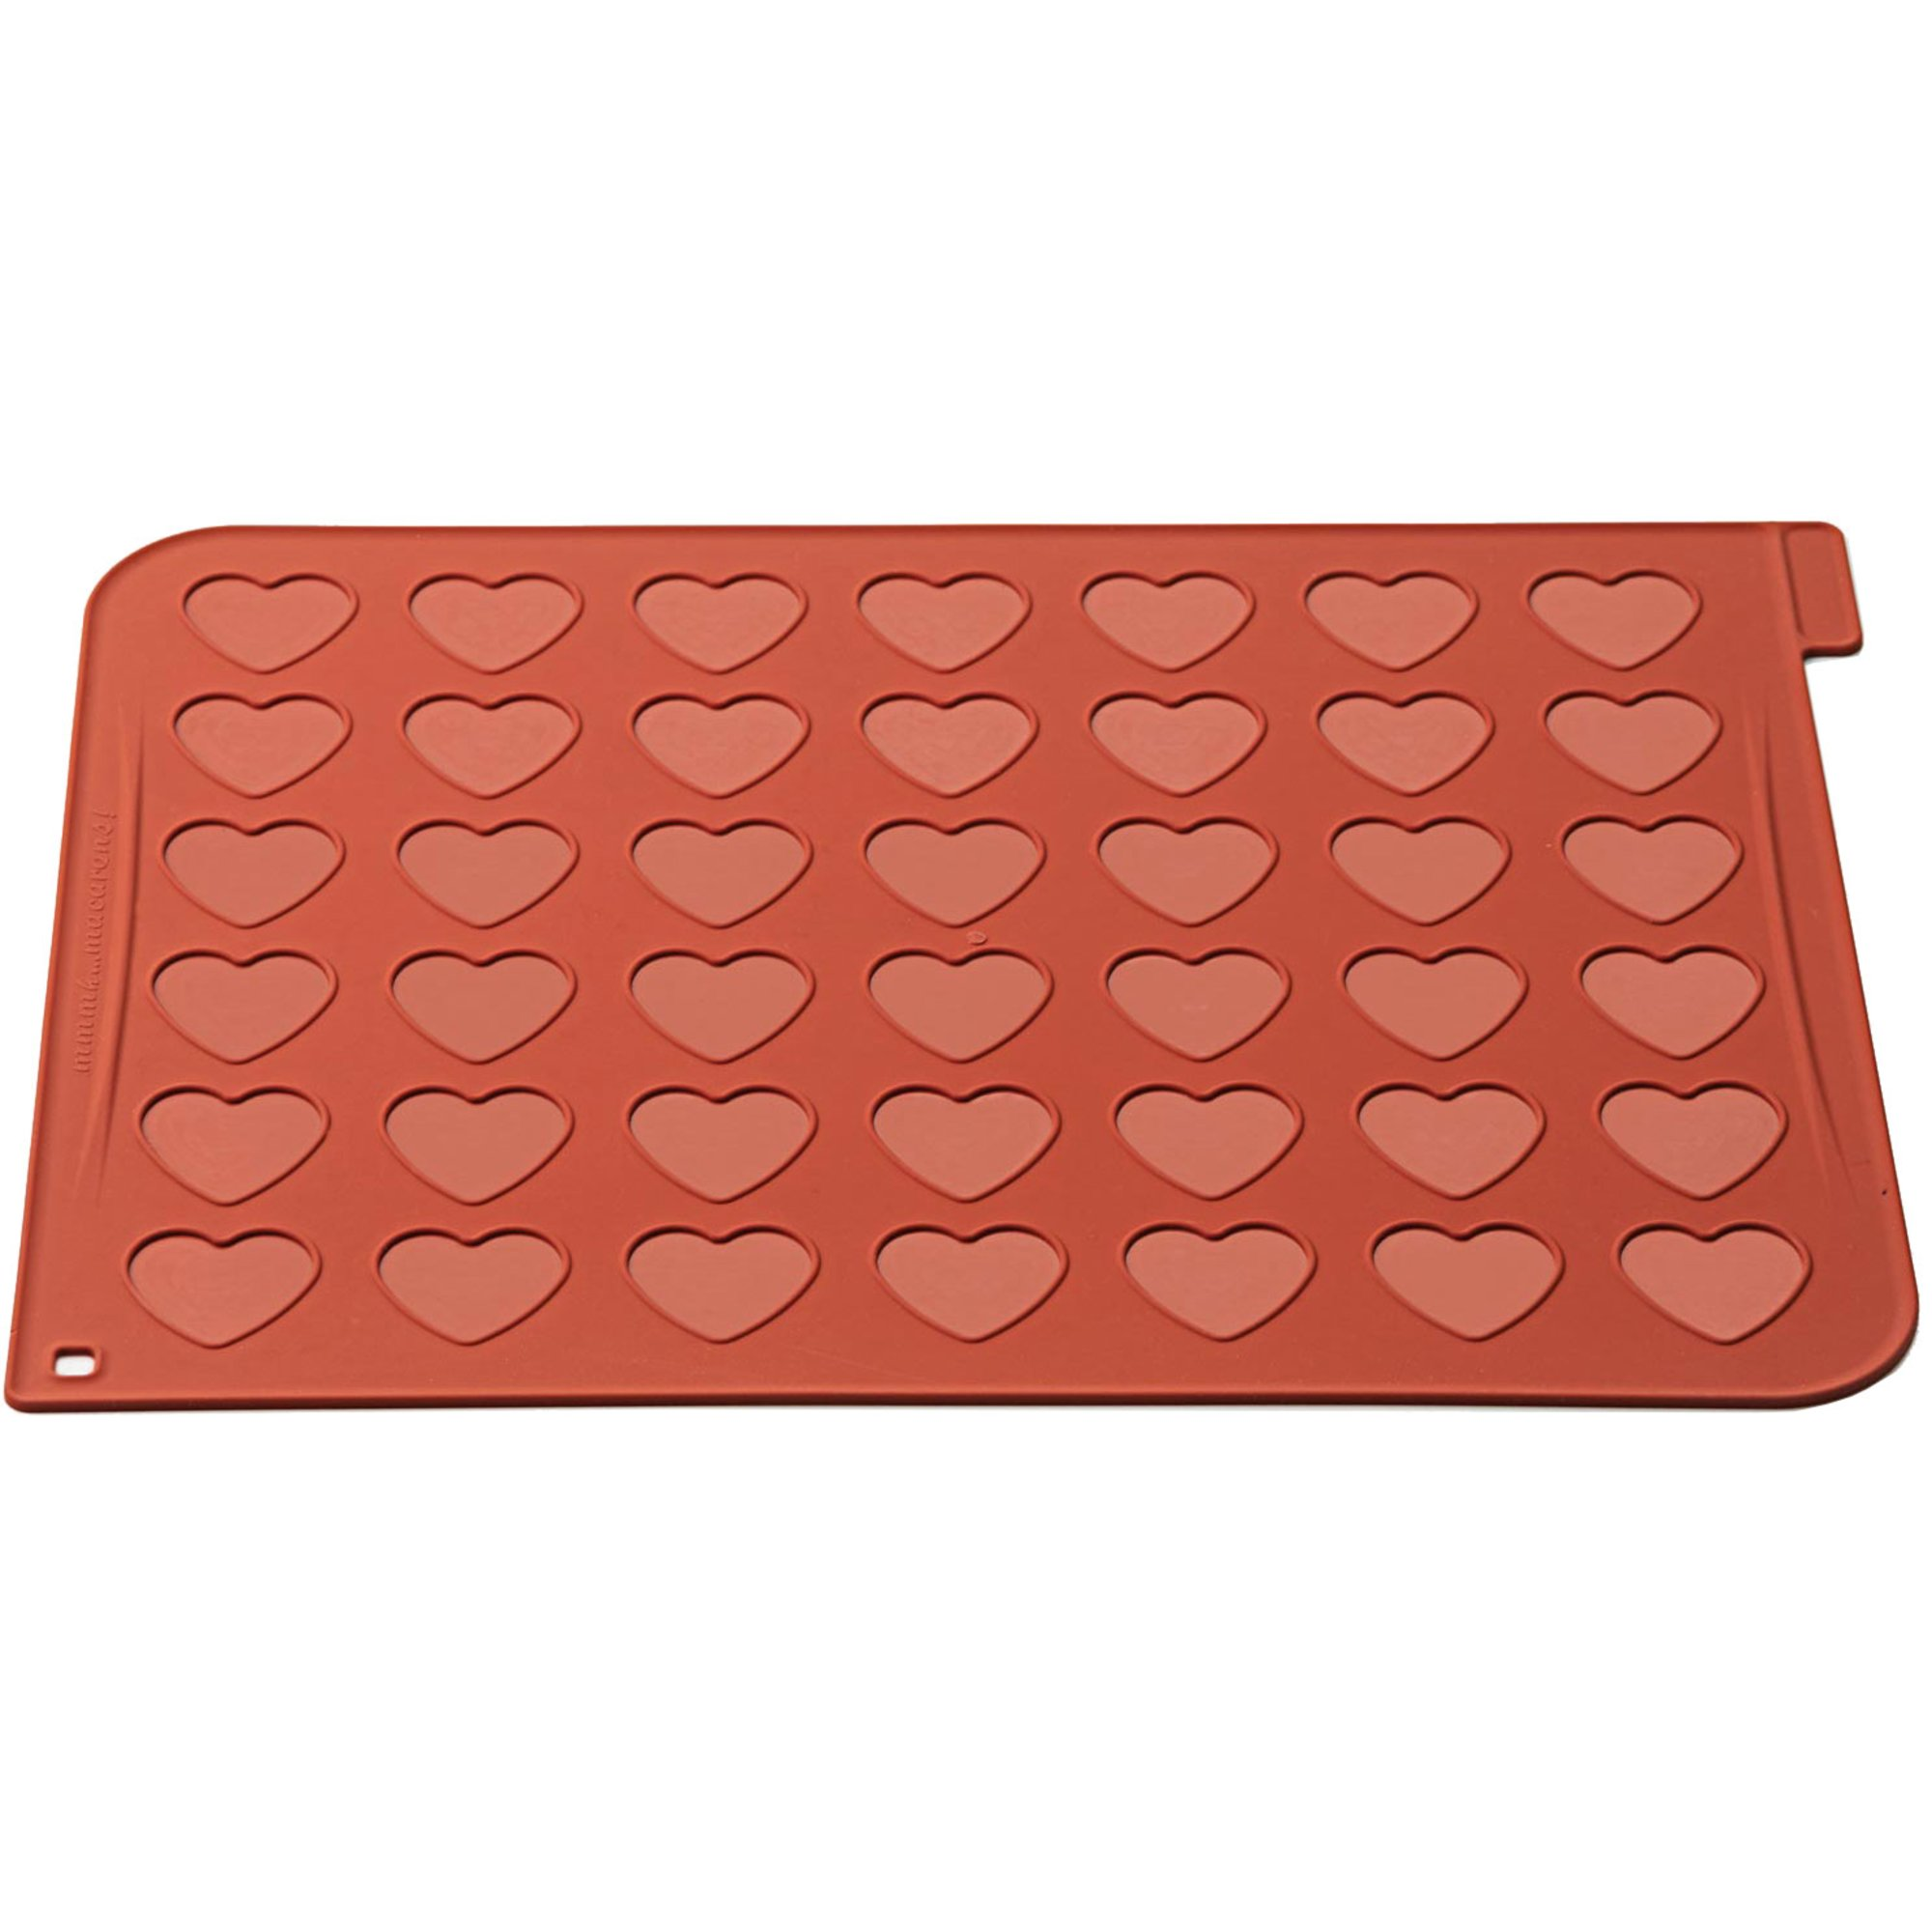 Silikomart Silikonmatta Hjärtan Macarons